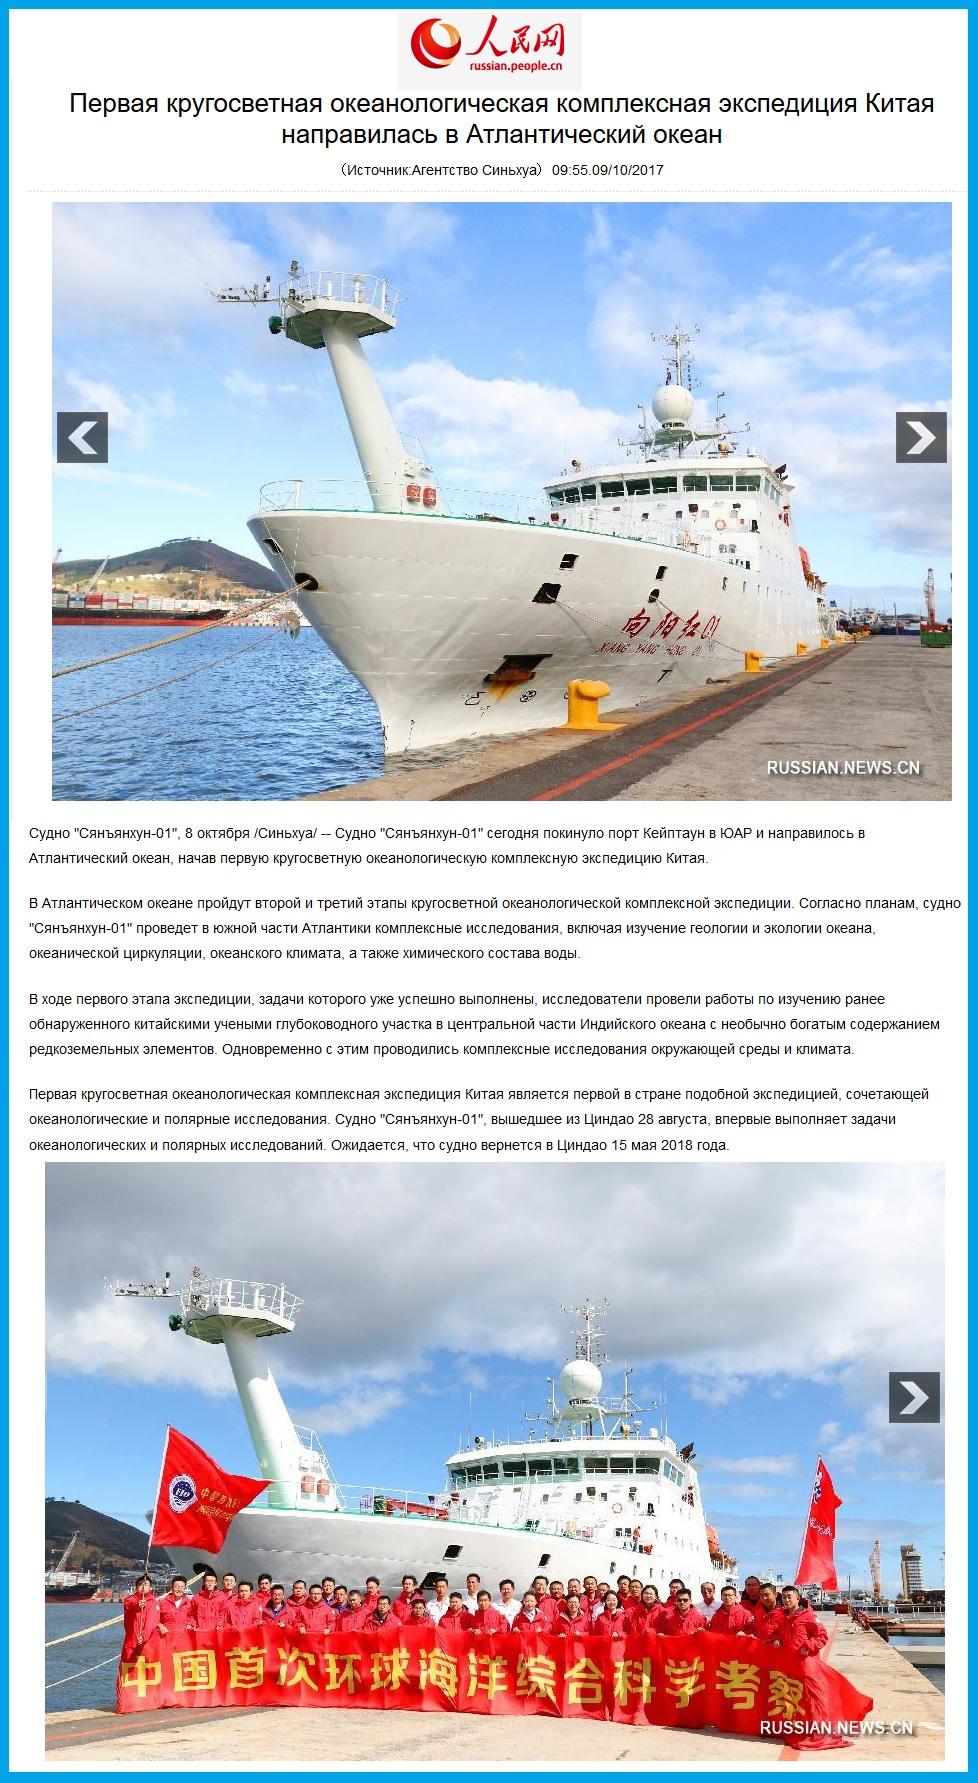 Первая кругосветная, океанологическая, комплексная экспедиция Китая двинулась в Атлантику